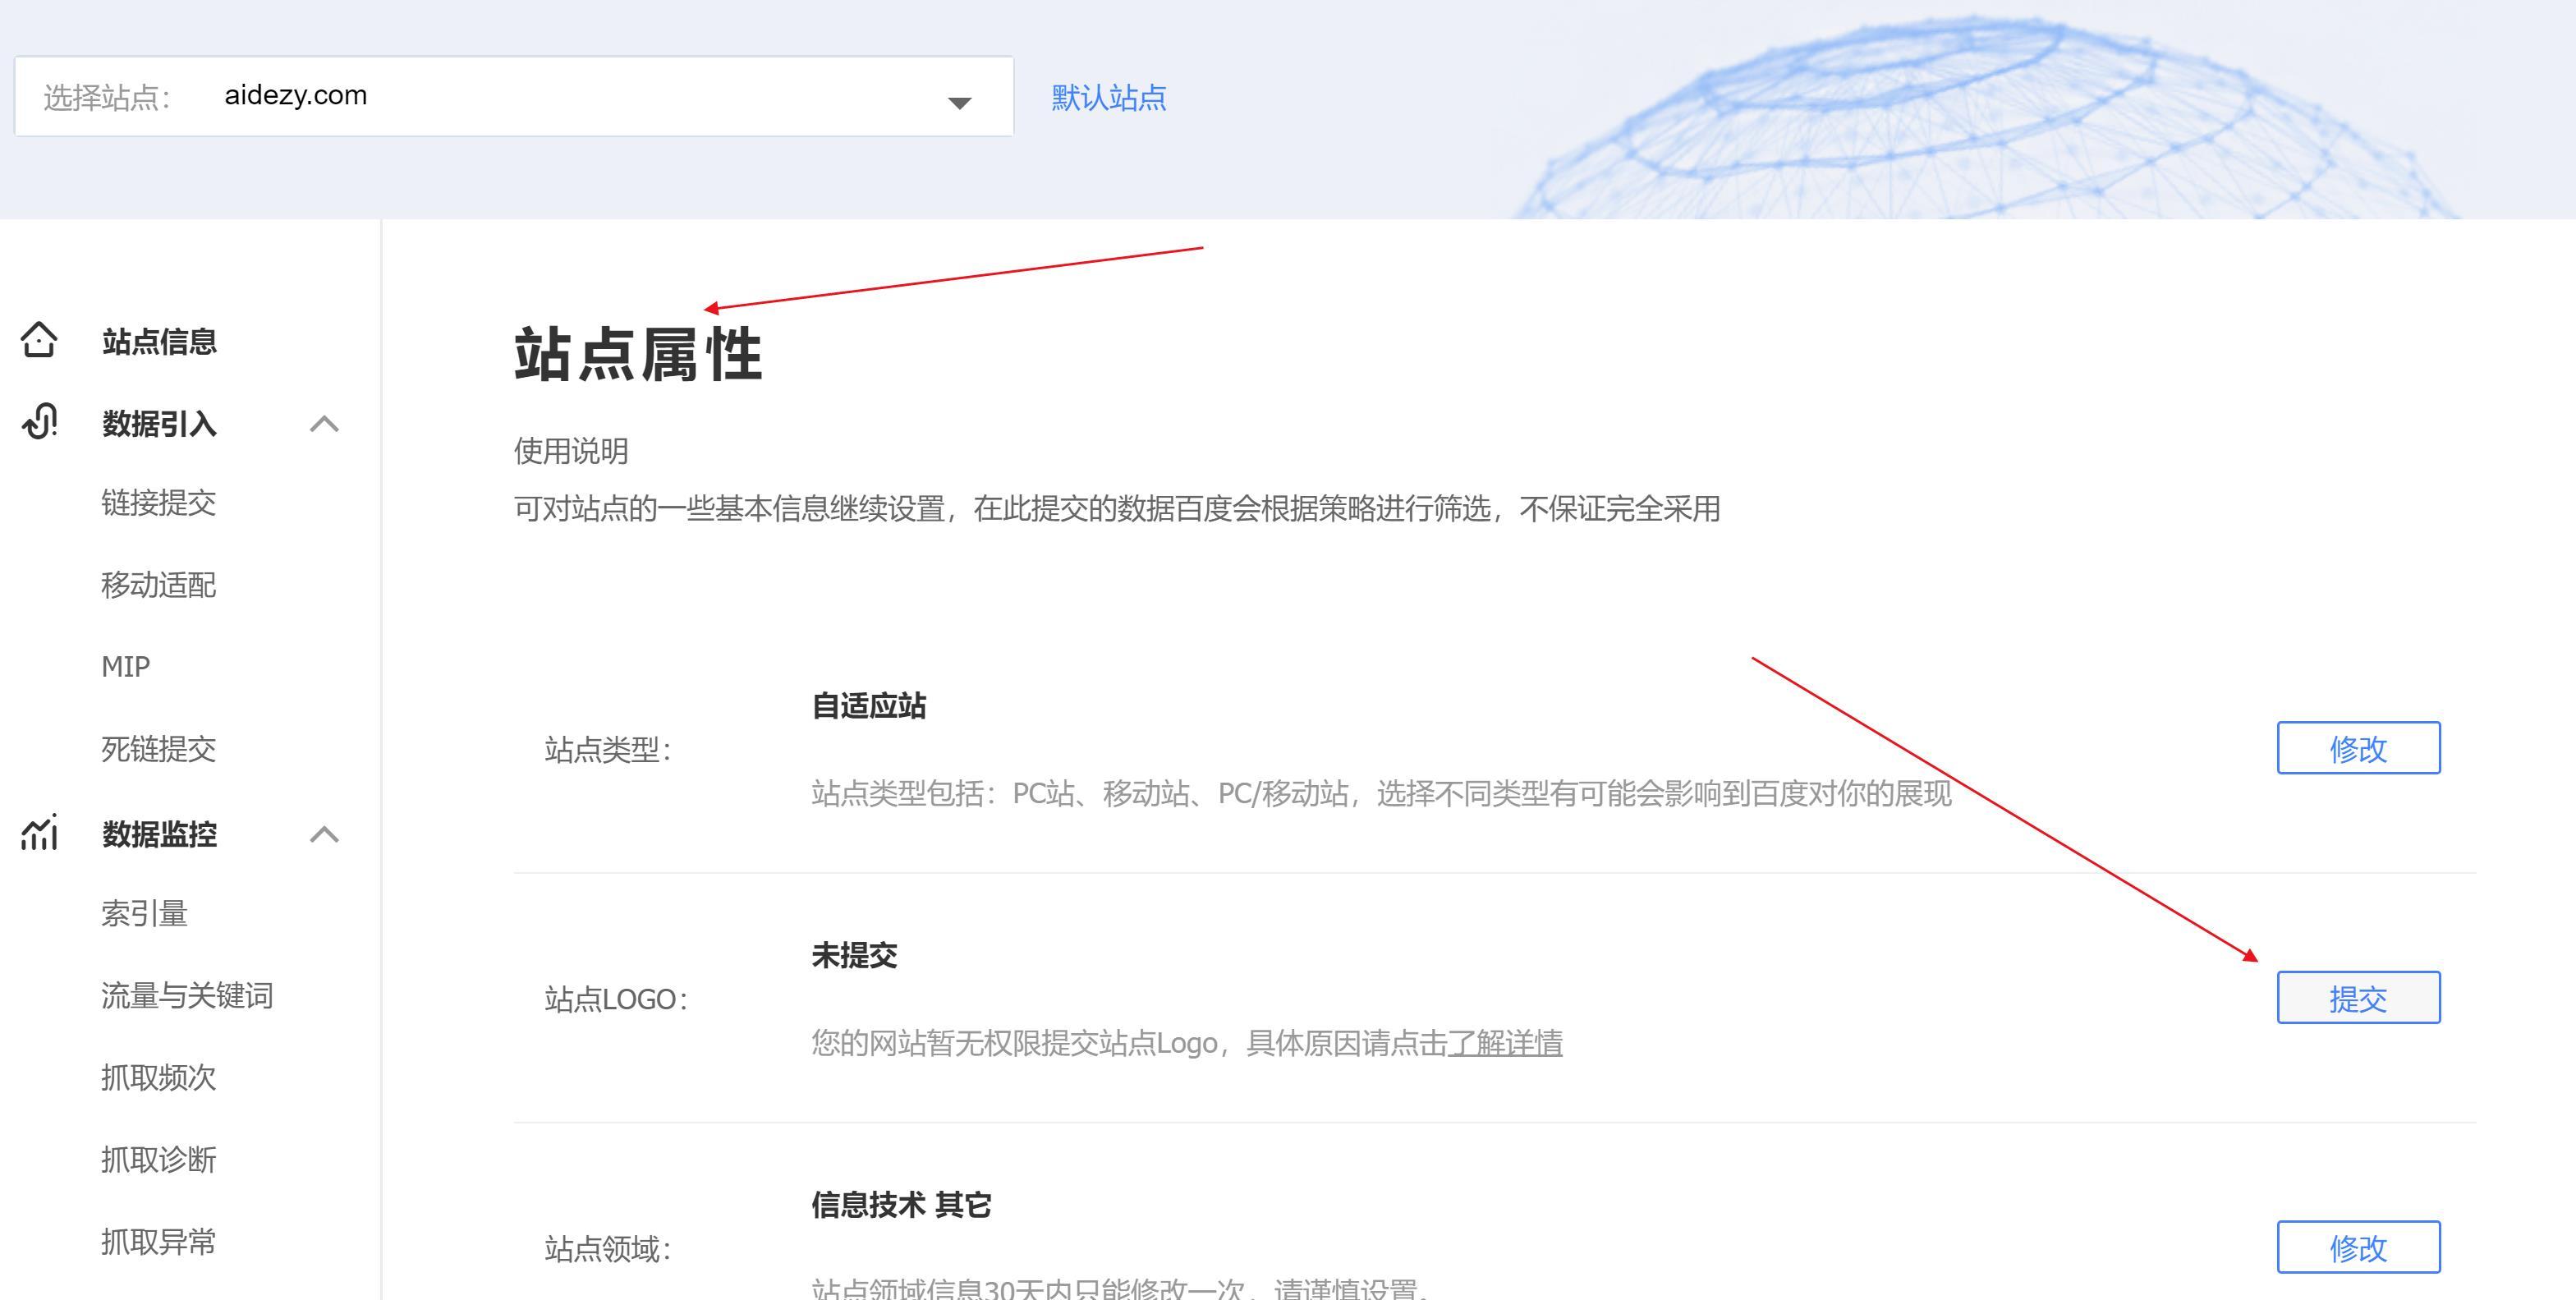 快速开通百度/360/搜狗站点LOGO展示权限方法|前言